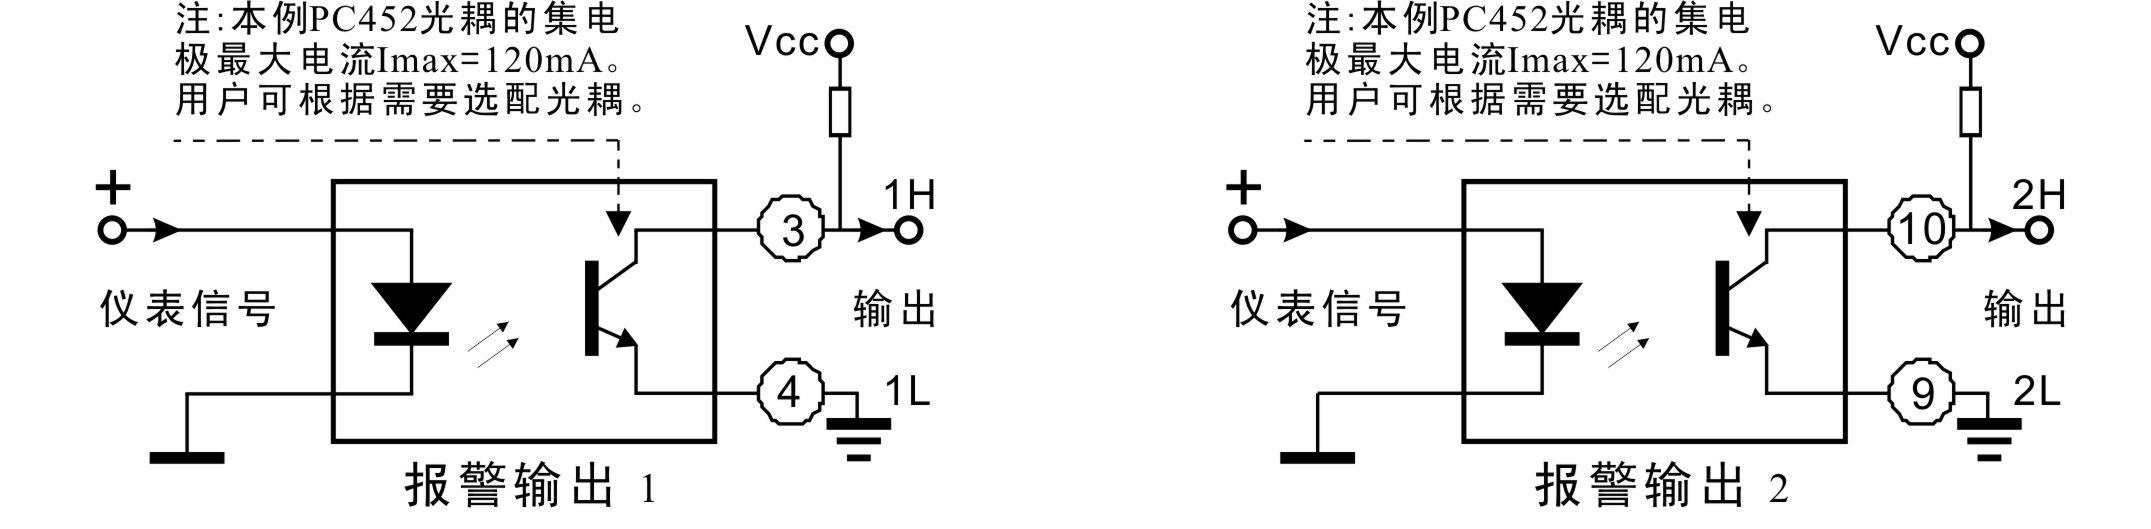 产品特点  高精度直观显示输入环路电流值,方便现场调试与监控  四位LED数码显示,高精度、显示分辨率末位2字  可编程设定两路上下限隔离式开关量报警信号输出  4-20mA隔离检测精度高,精度等级:0.1级、0.2级  全量程内极高的线性度,非线性度< 0.2%  信号输入与输出之间:3KVDC或6KVDC高隔离  低阻抗(器件整体压降<6.